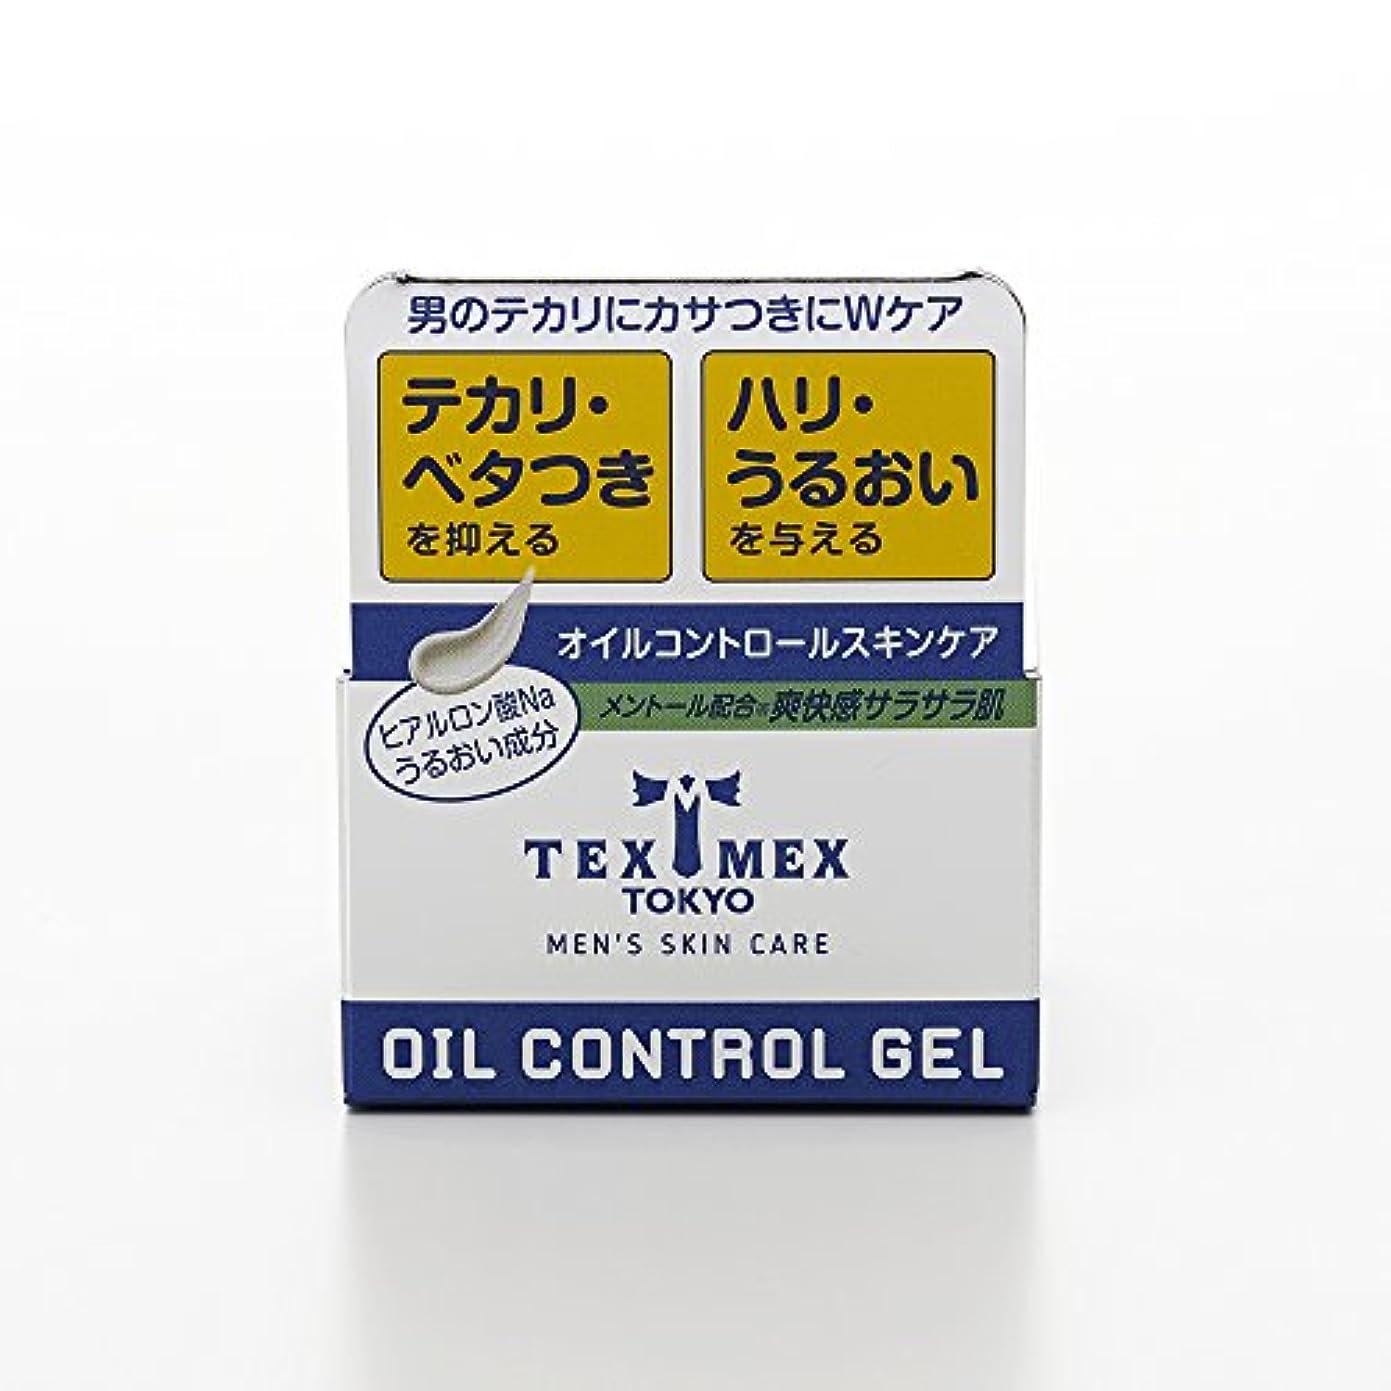 暗殺者欠伸メタルラインテックスメックス オイルコントロールジェル 24g (テカリ防止ジェル) 【塗るだけでサラサラ肌に】